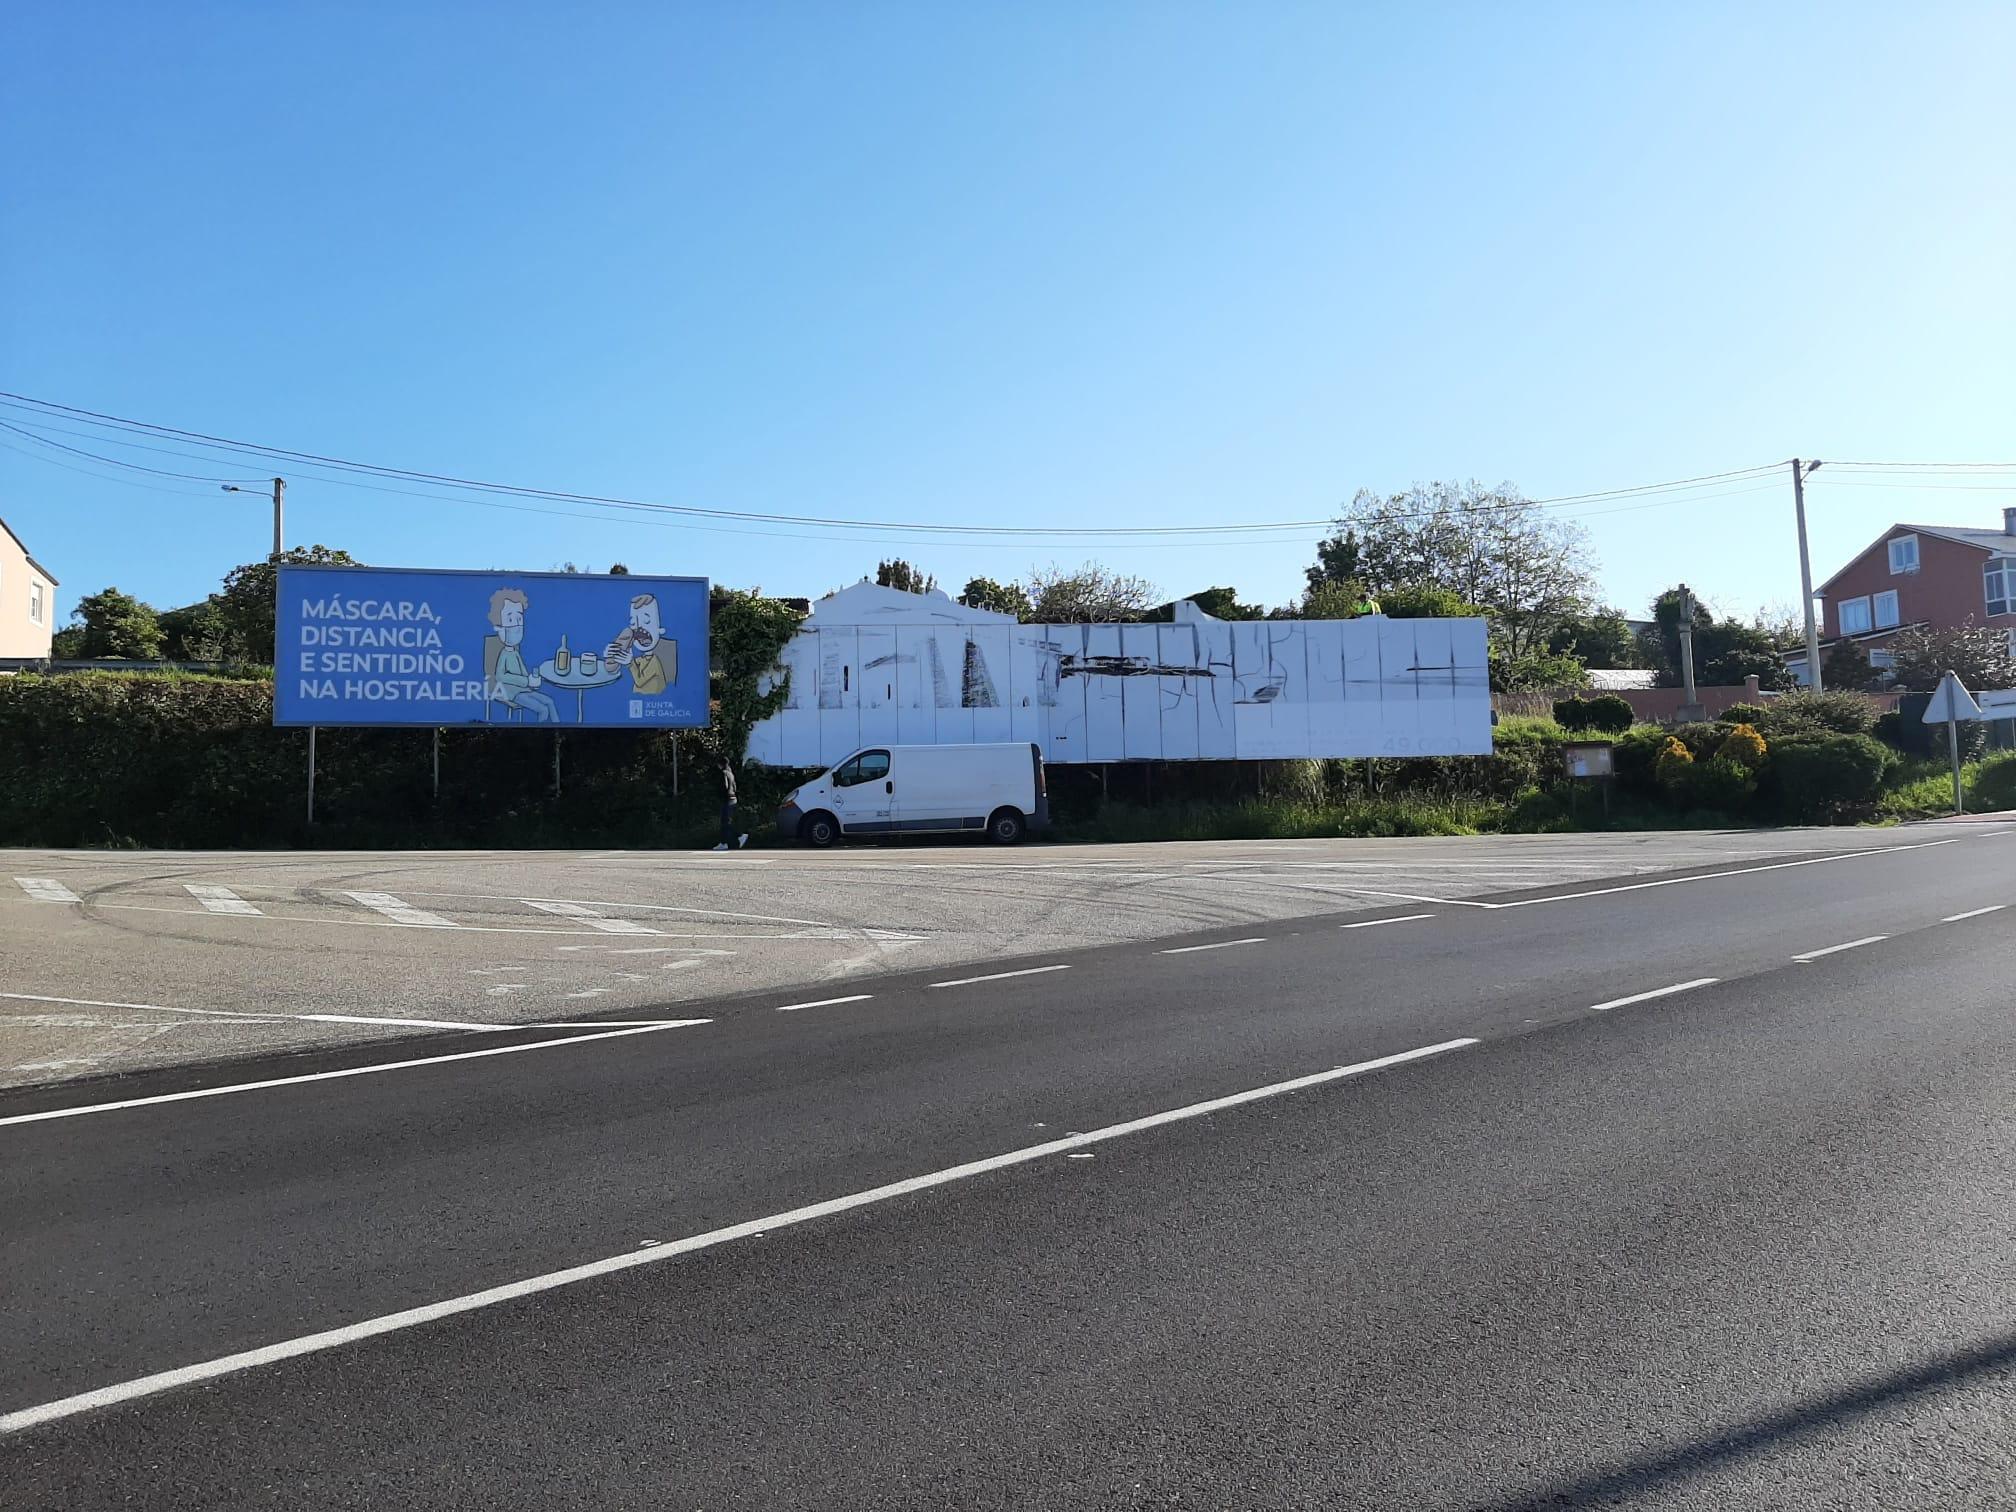 O Concello de Foz retirou dous valos publicitarios de grandes dimensións situados na entrada da vila, en Vilaxoane, que non estaban regulados